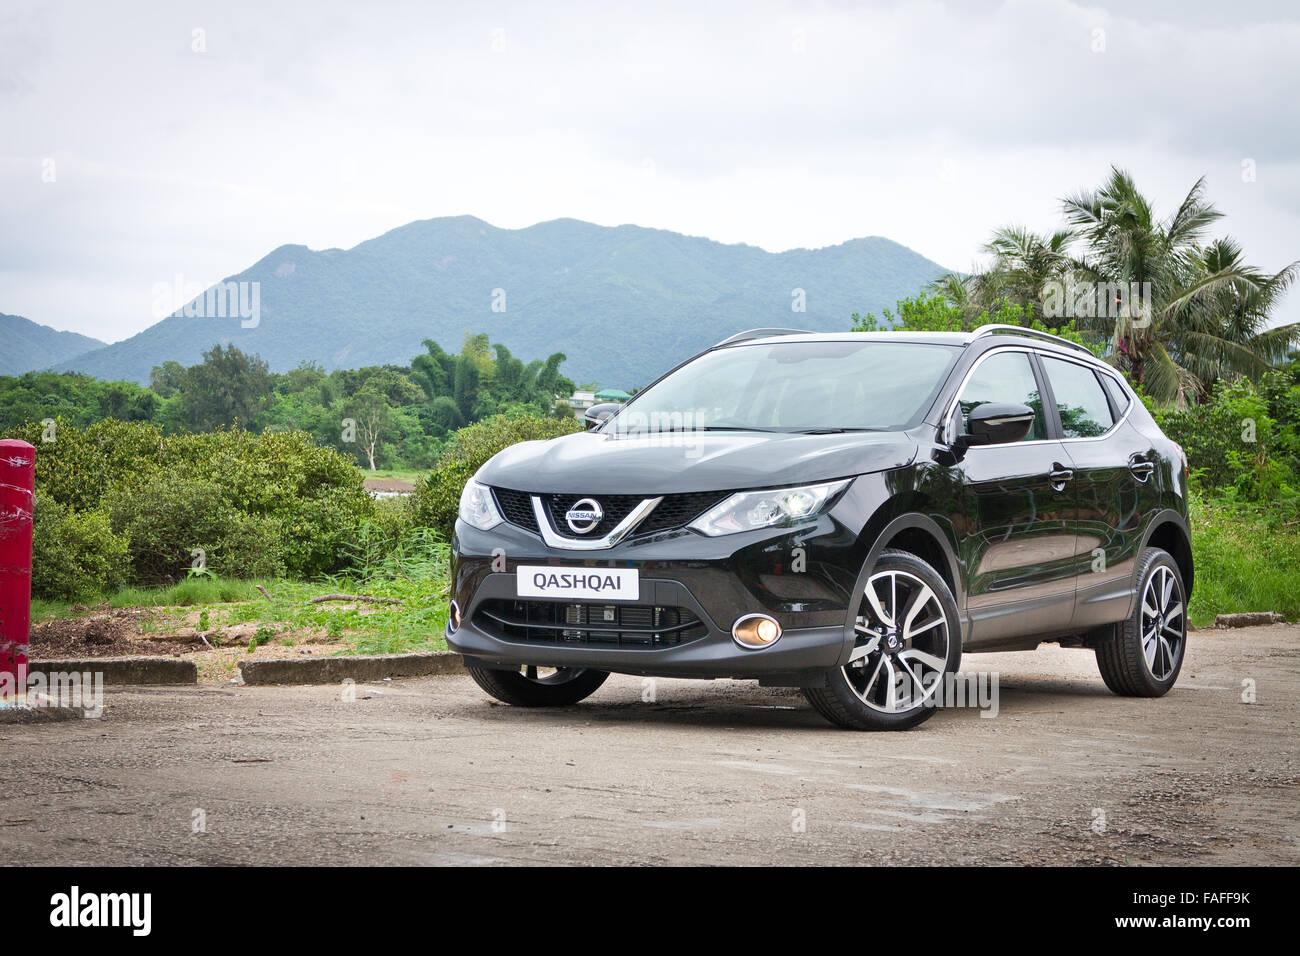 Hong Kong, China June 5, 2014 : Nissan Qashqai test drive on June 5 2014 in Hong Kong. - Stock Image